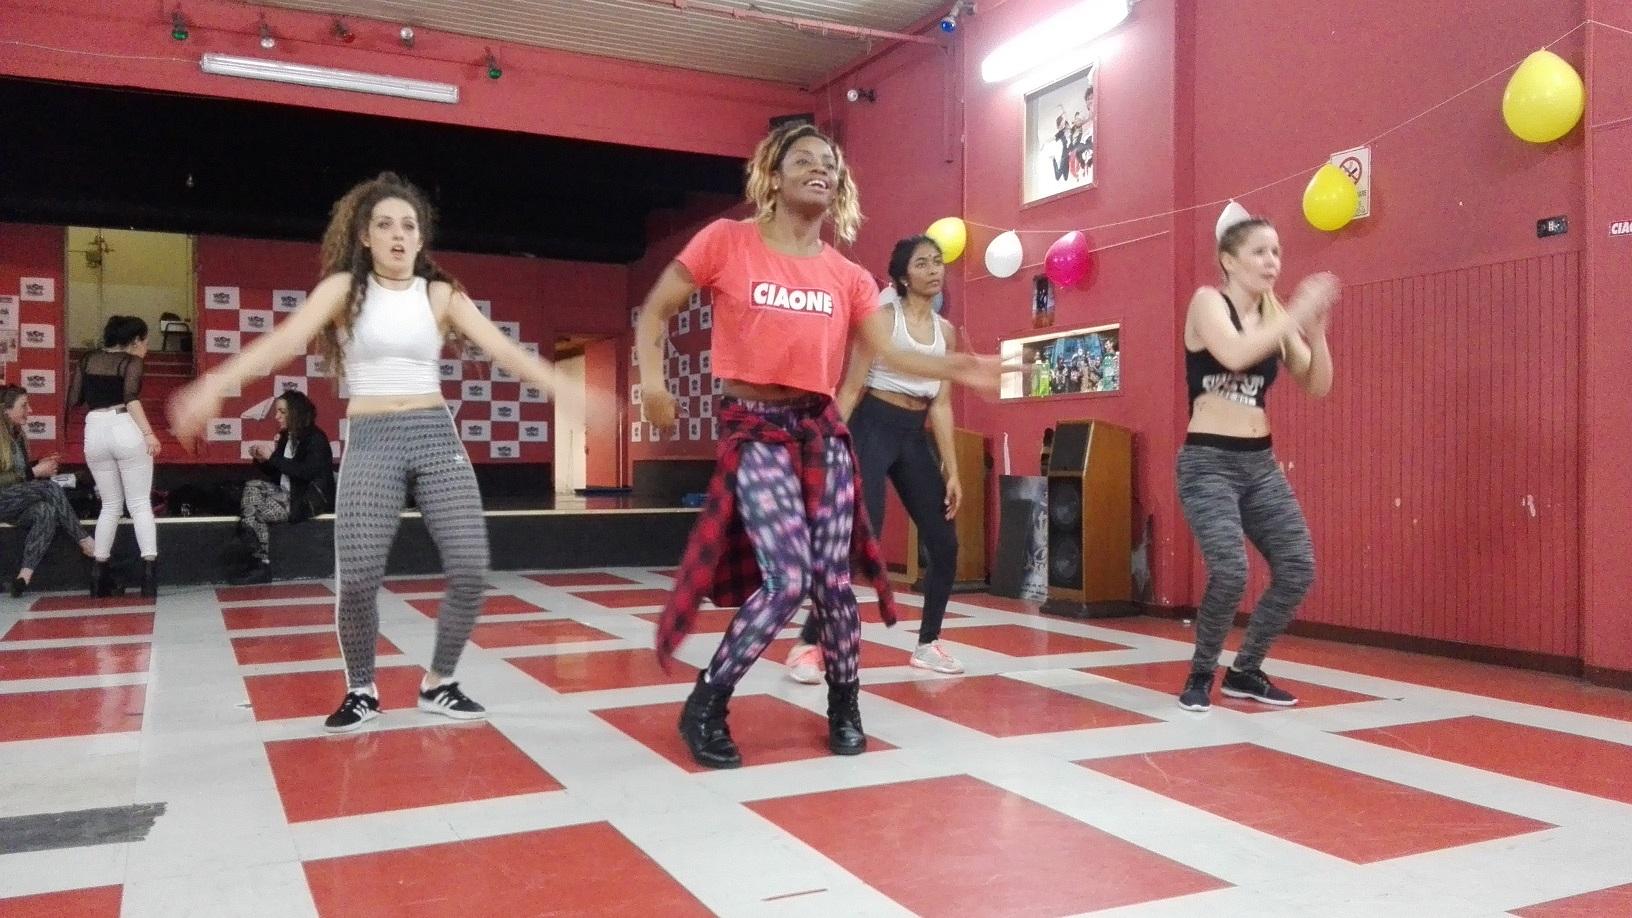 A camaronense Helen, de vermelho, comandando uma das badaladas aulas de dance hall reggae. Foto Janaína Cesar